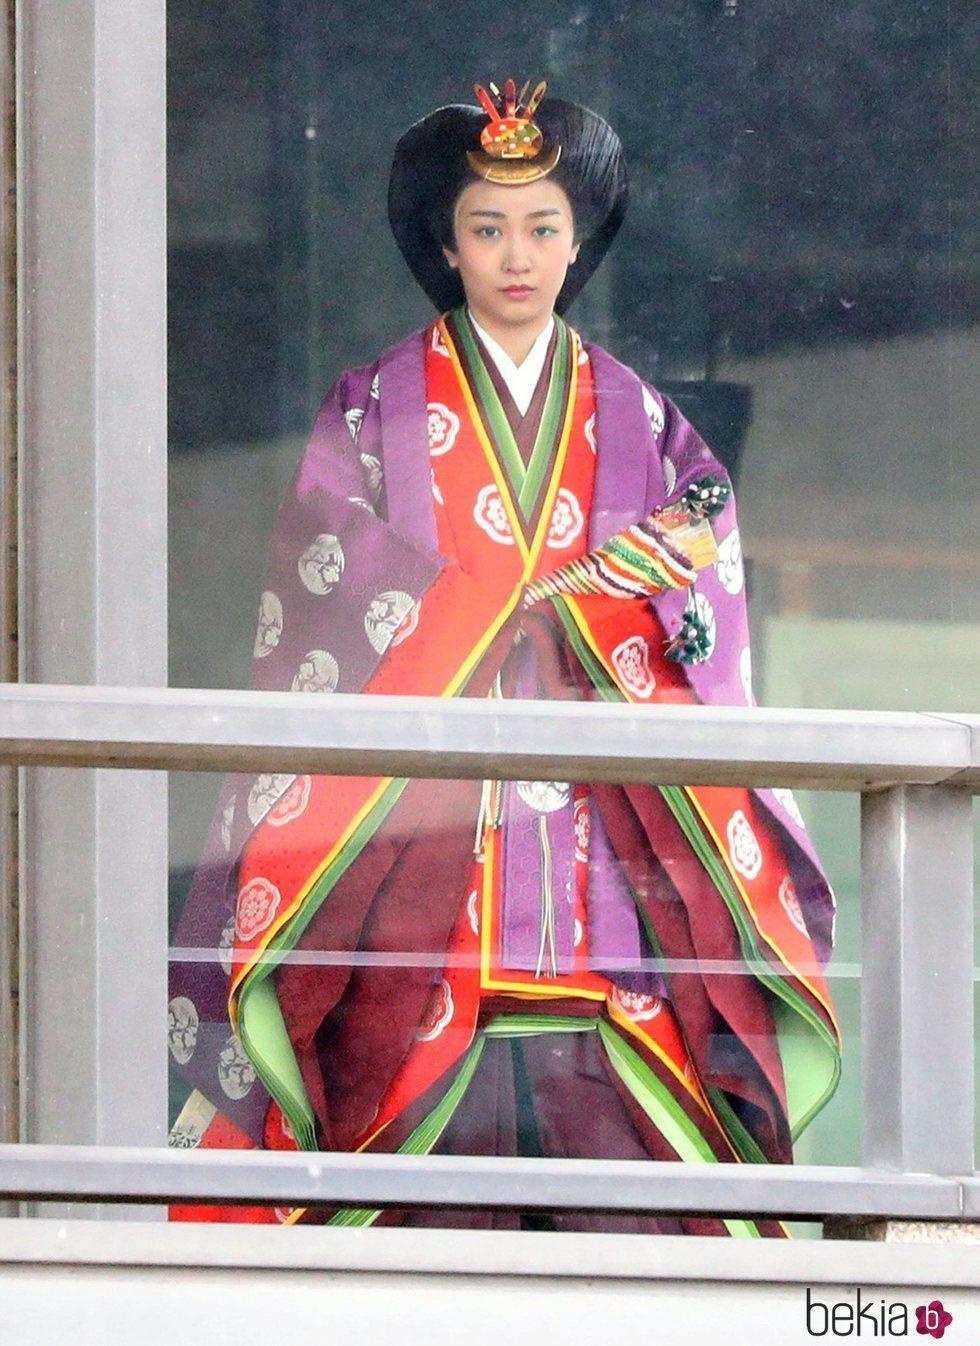 Kako de Japón en la entronización de Naruhito de Japón